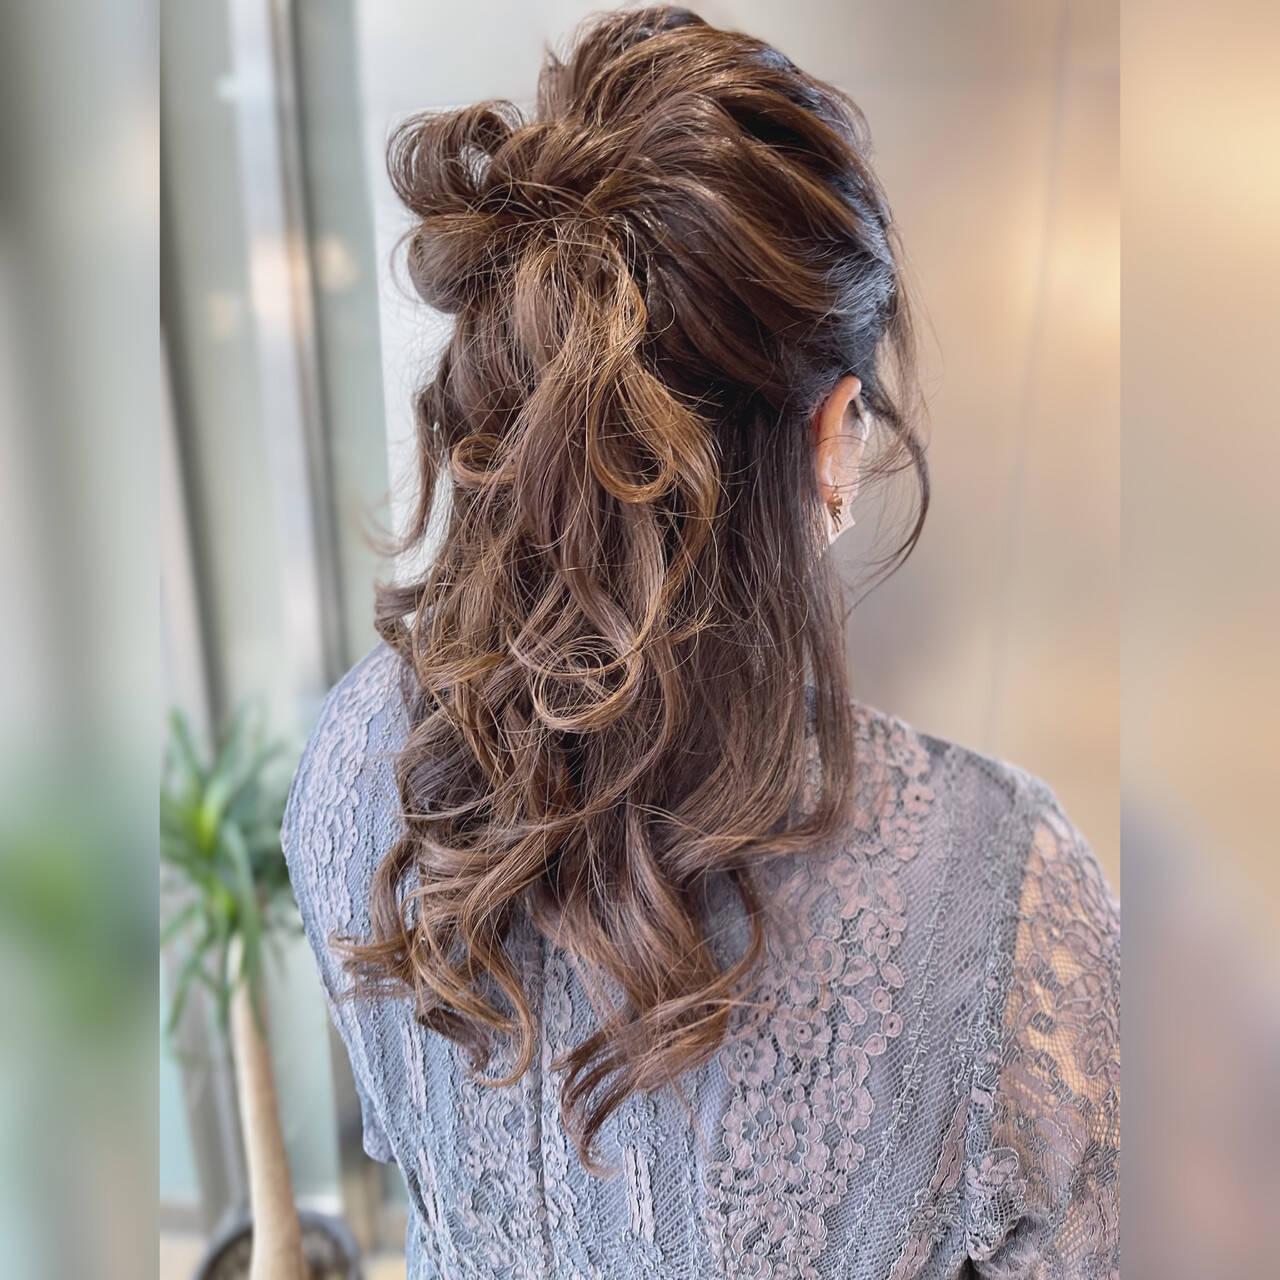 ハーフアップ フェミニン ヘアアレンジ 結婚式ヘアアレンジヘアスタイルや髪型の写真・画像